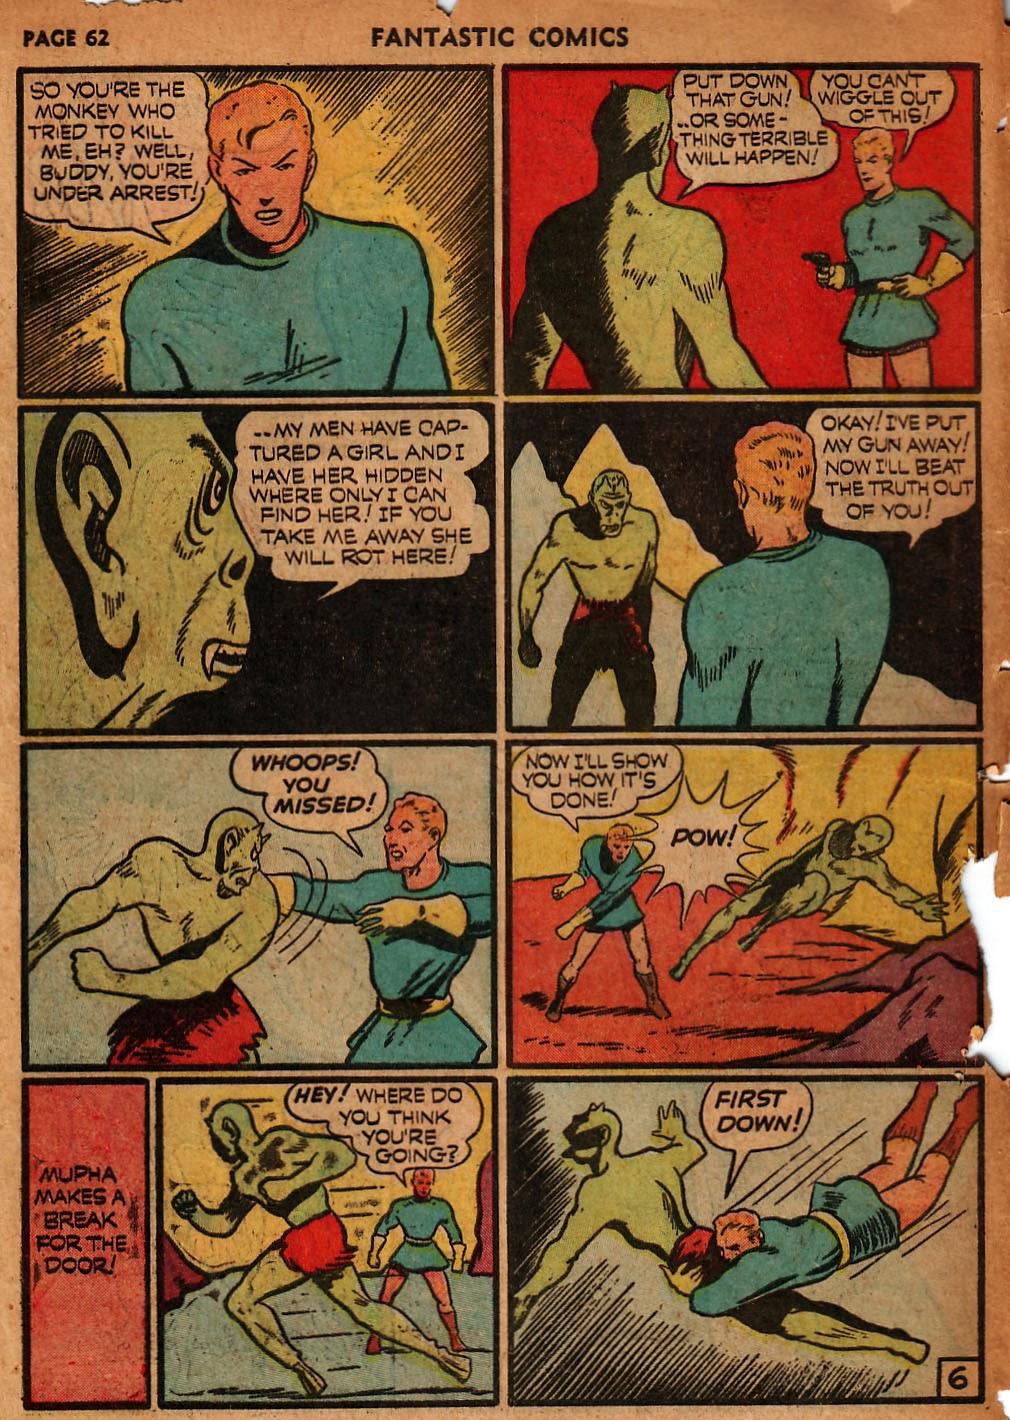 Read online Fantastic Comics comic -  Issue #18 - 64